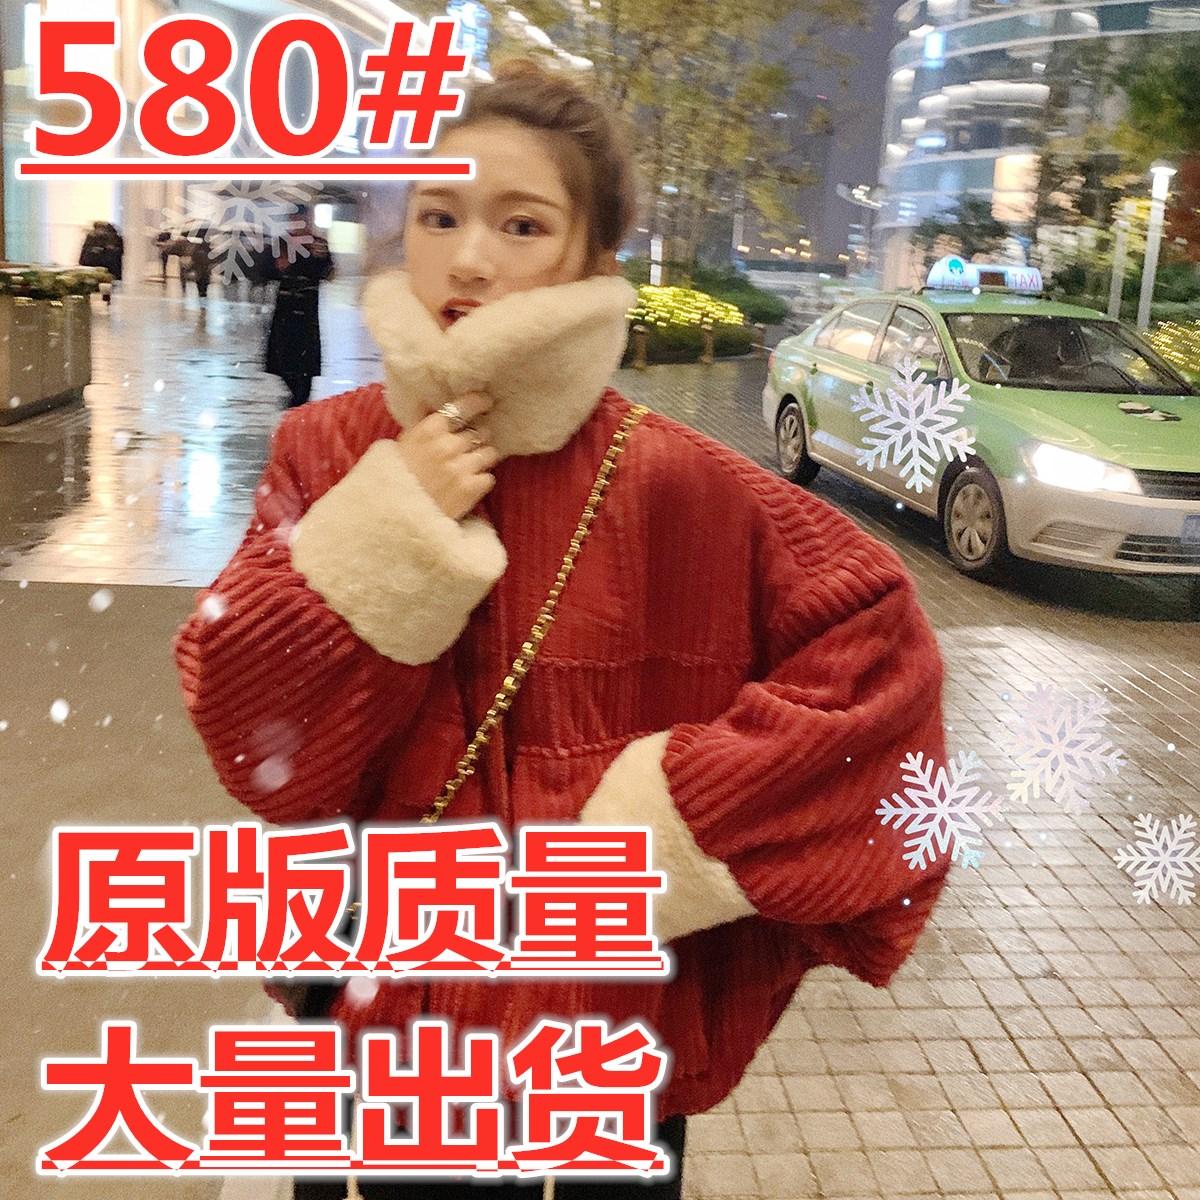 12.12新品9.5折 你还缺一件 红色灯芯绒外套女冬翻领加厚拼接夹克